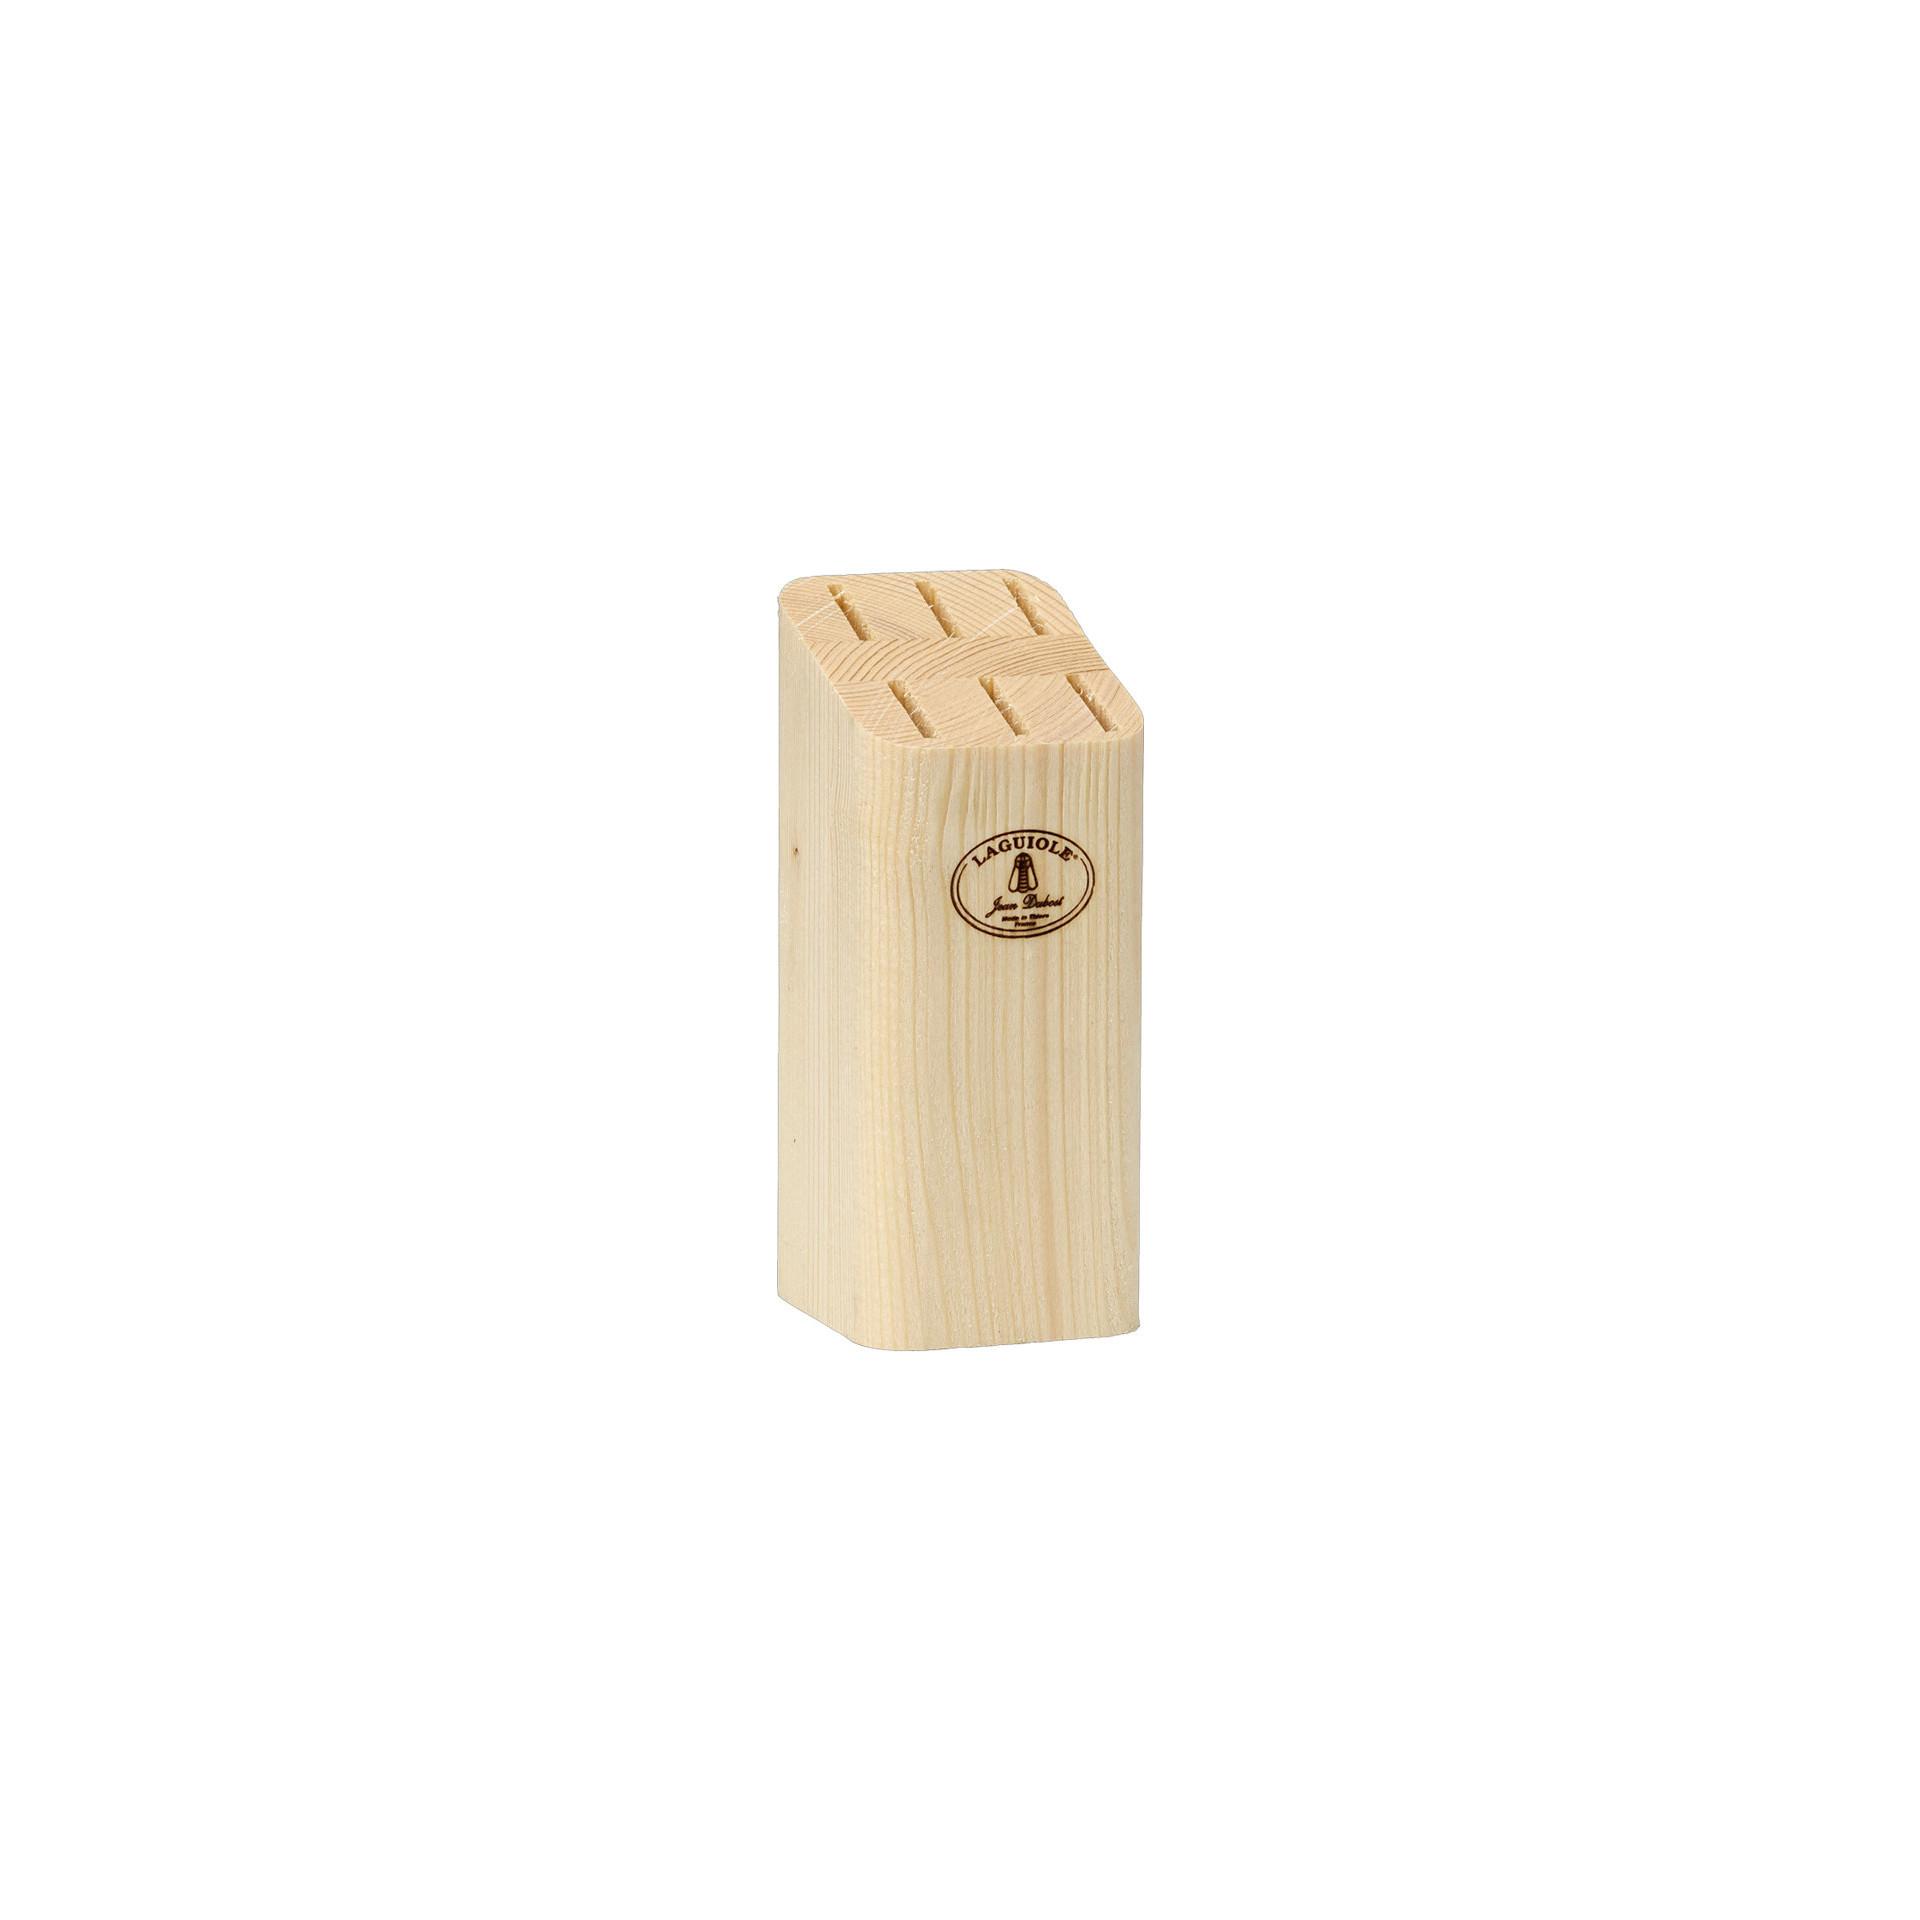 Laguiole Knives, Steakmesser Präsentation Block 58 x 53 x 129 mm Lightwood